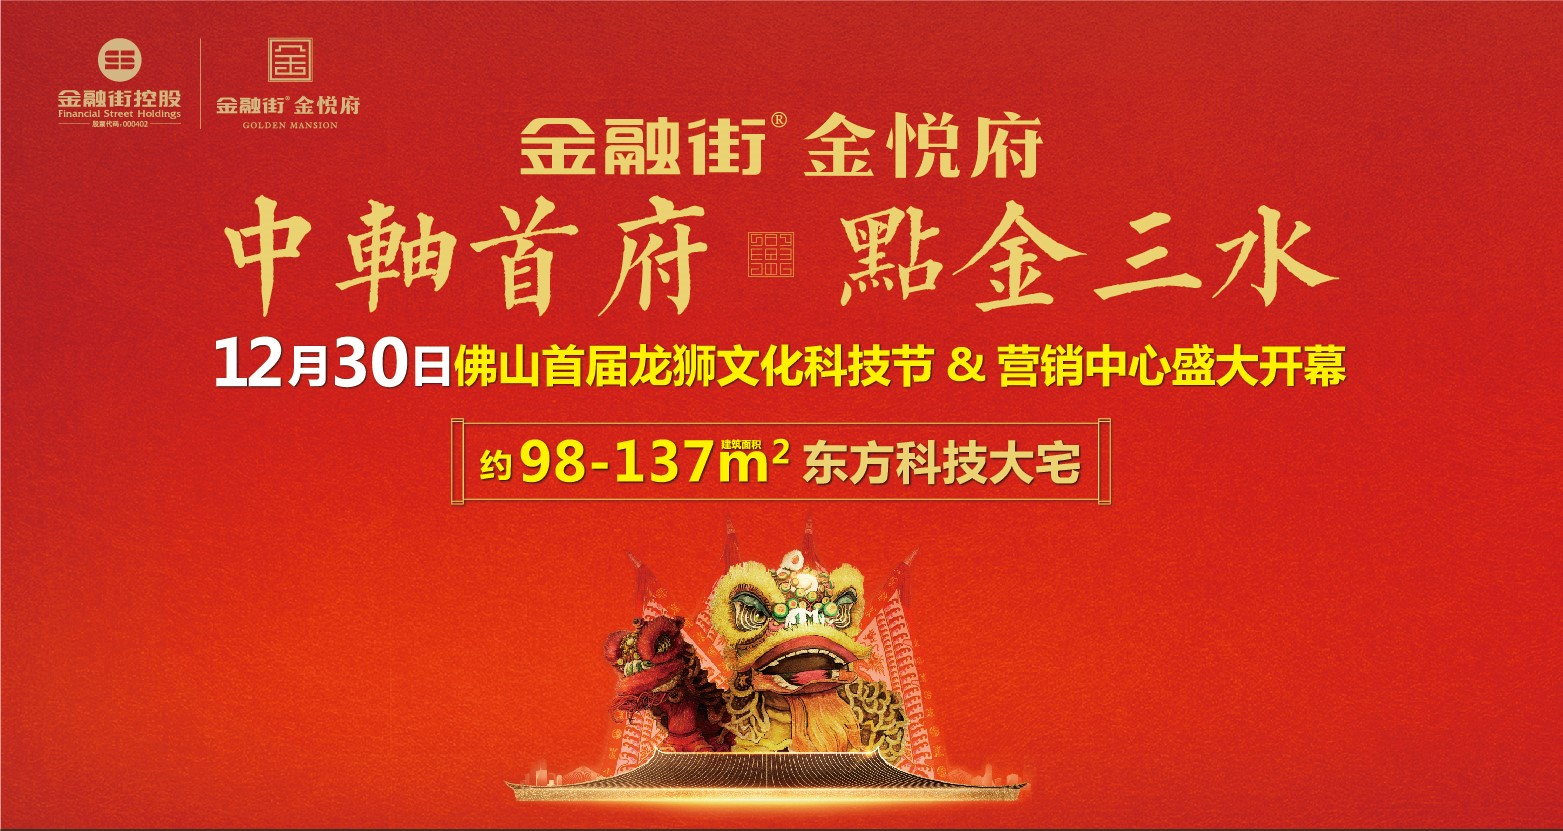 直播:佛山首届龙狮文化科技节&金融街金悦府盛大开幕